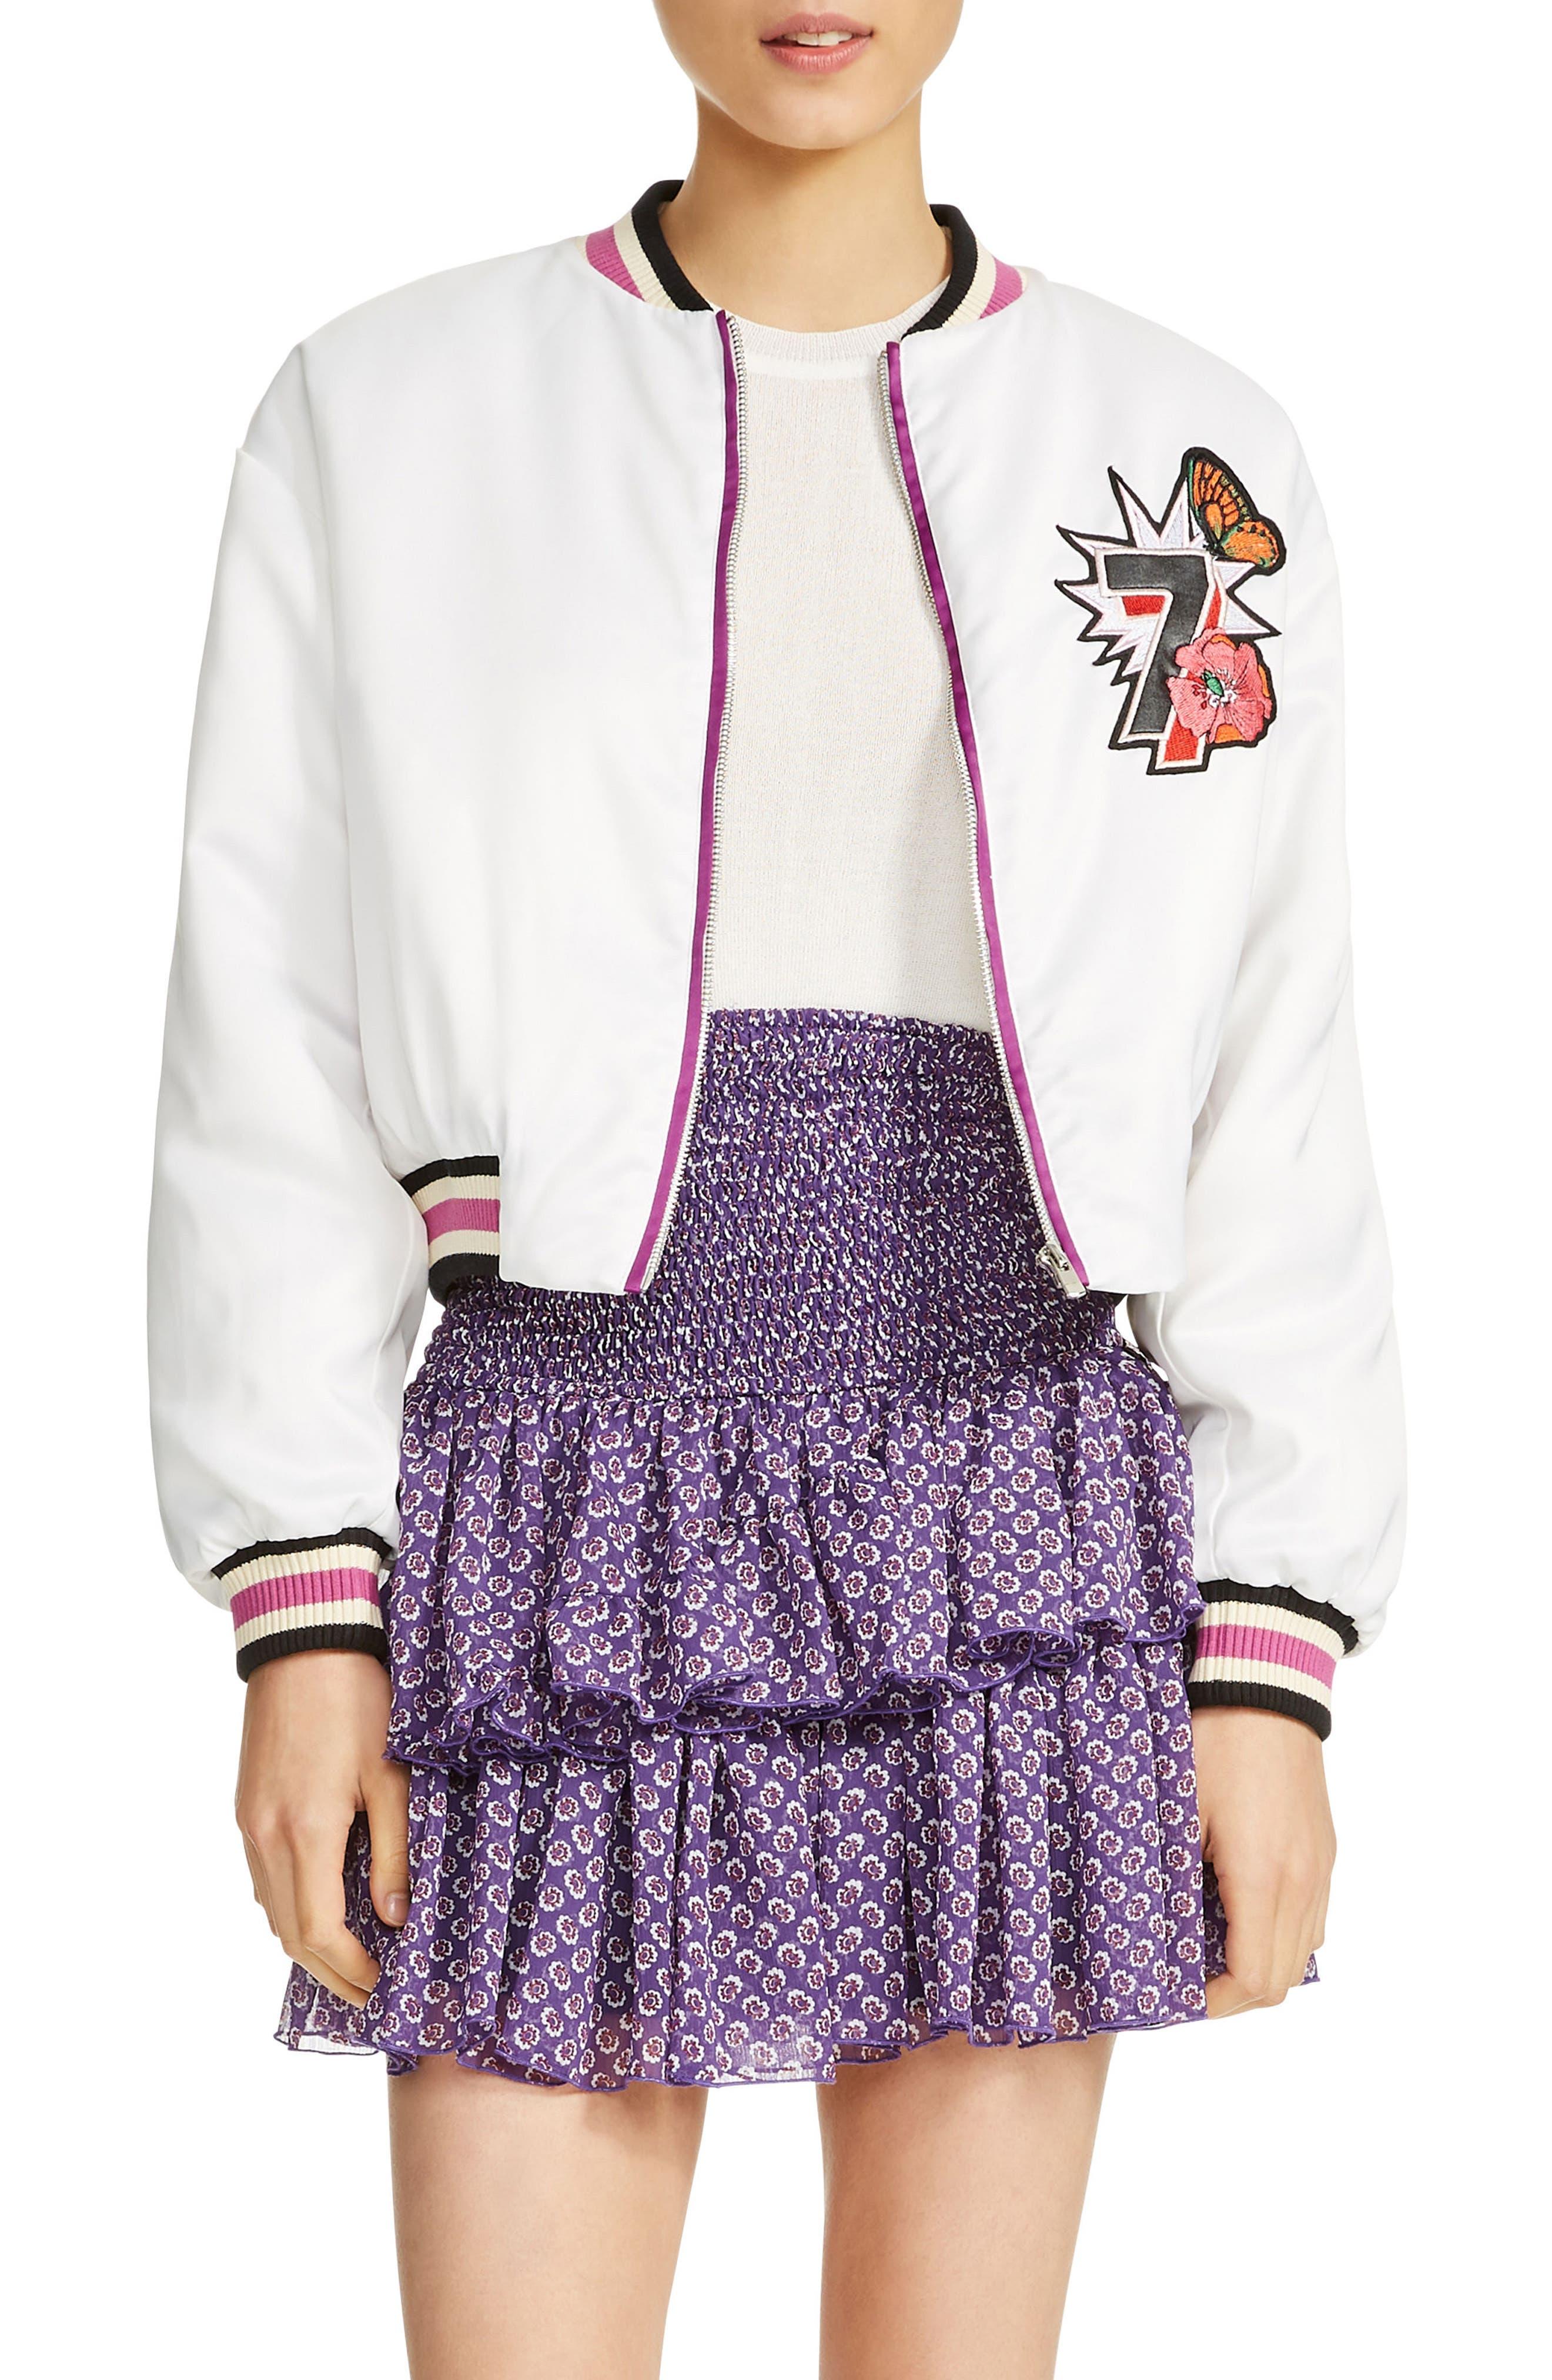 maje Bloomy Varsity Jacket